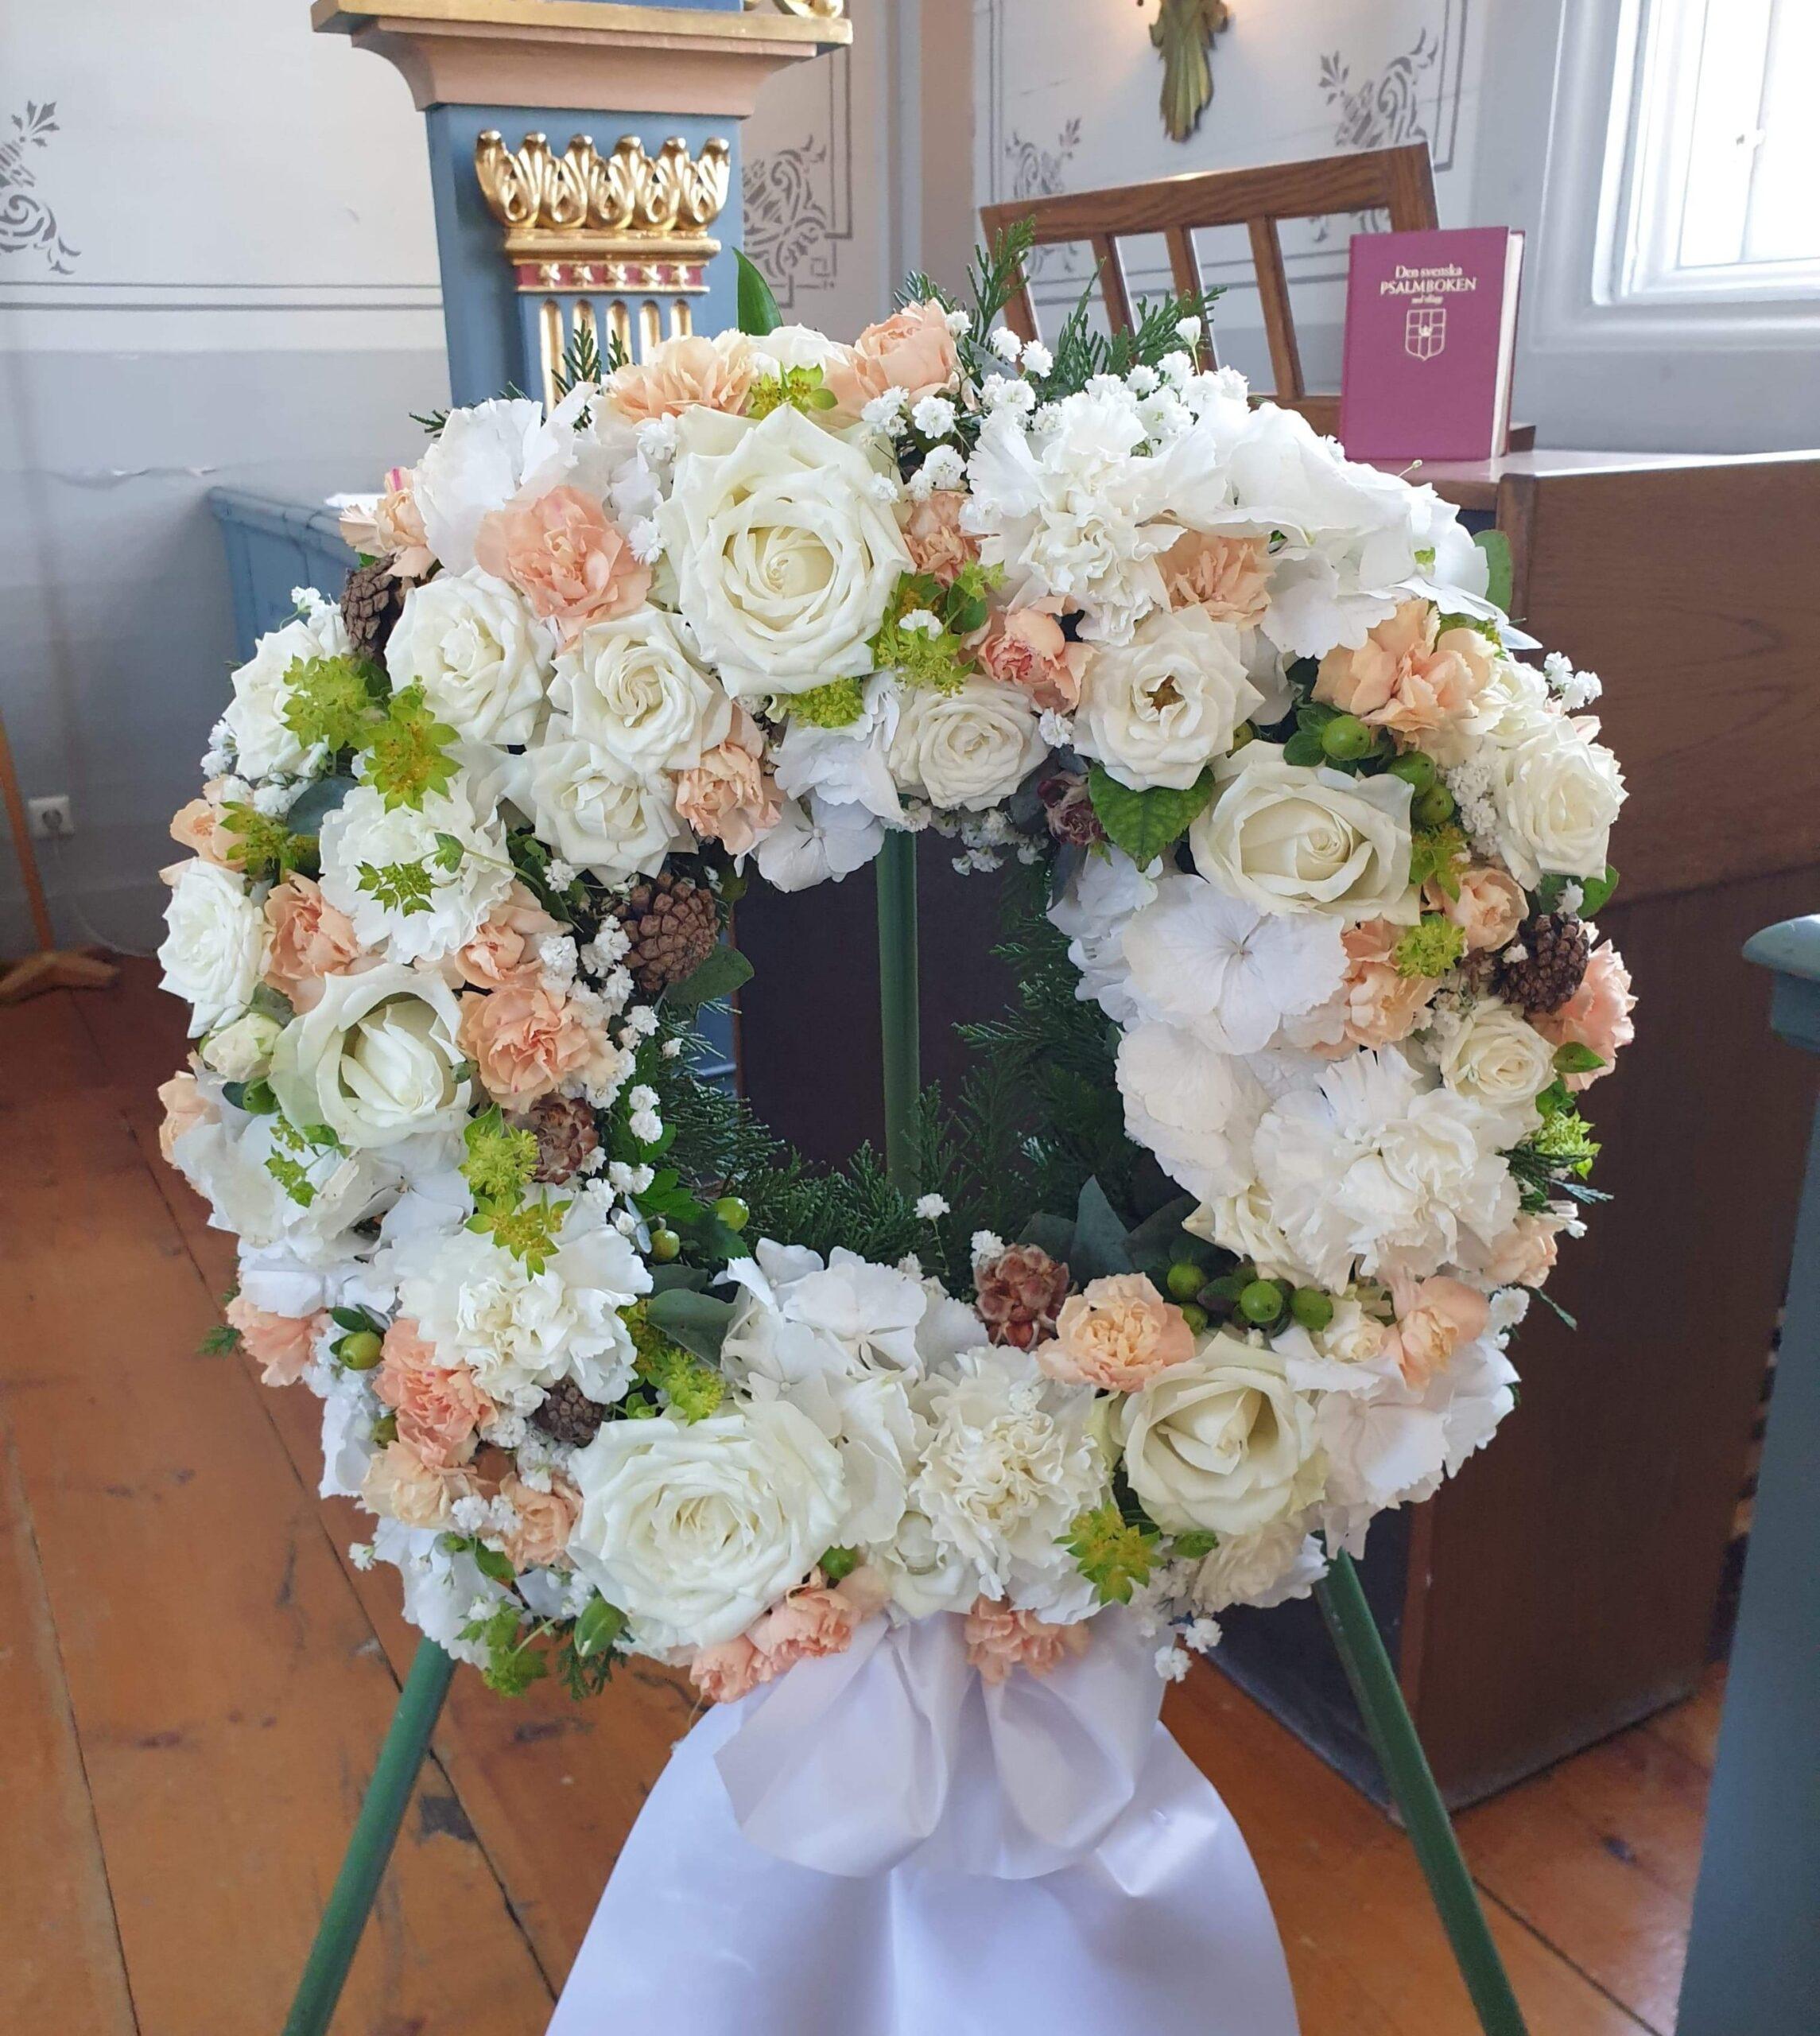 Krans Junsele blomsterbutik